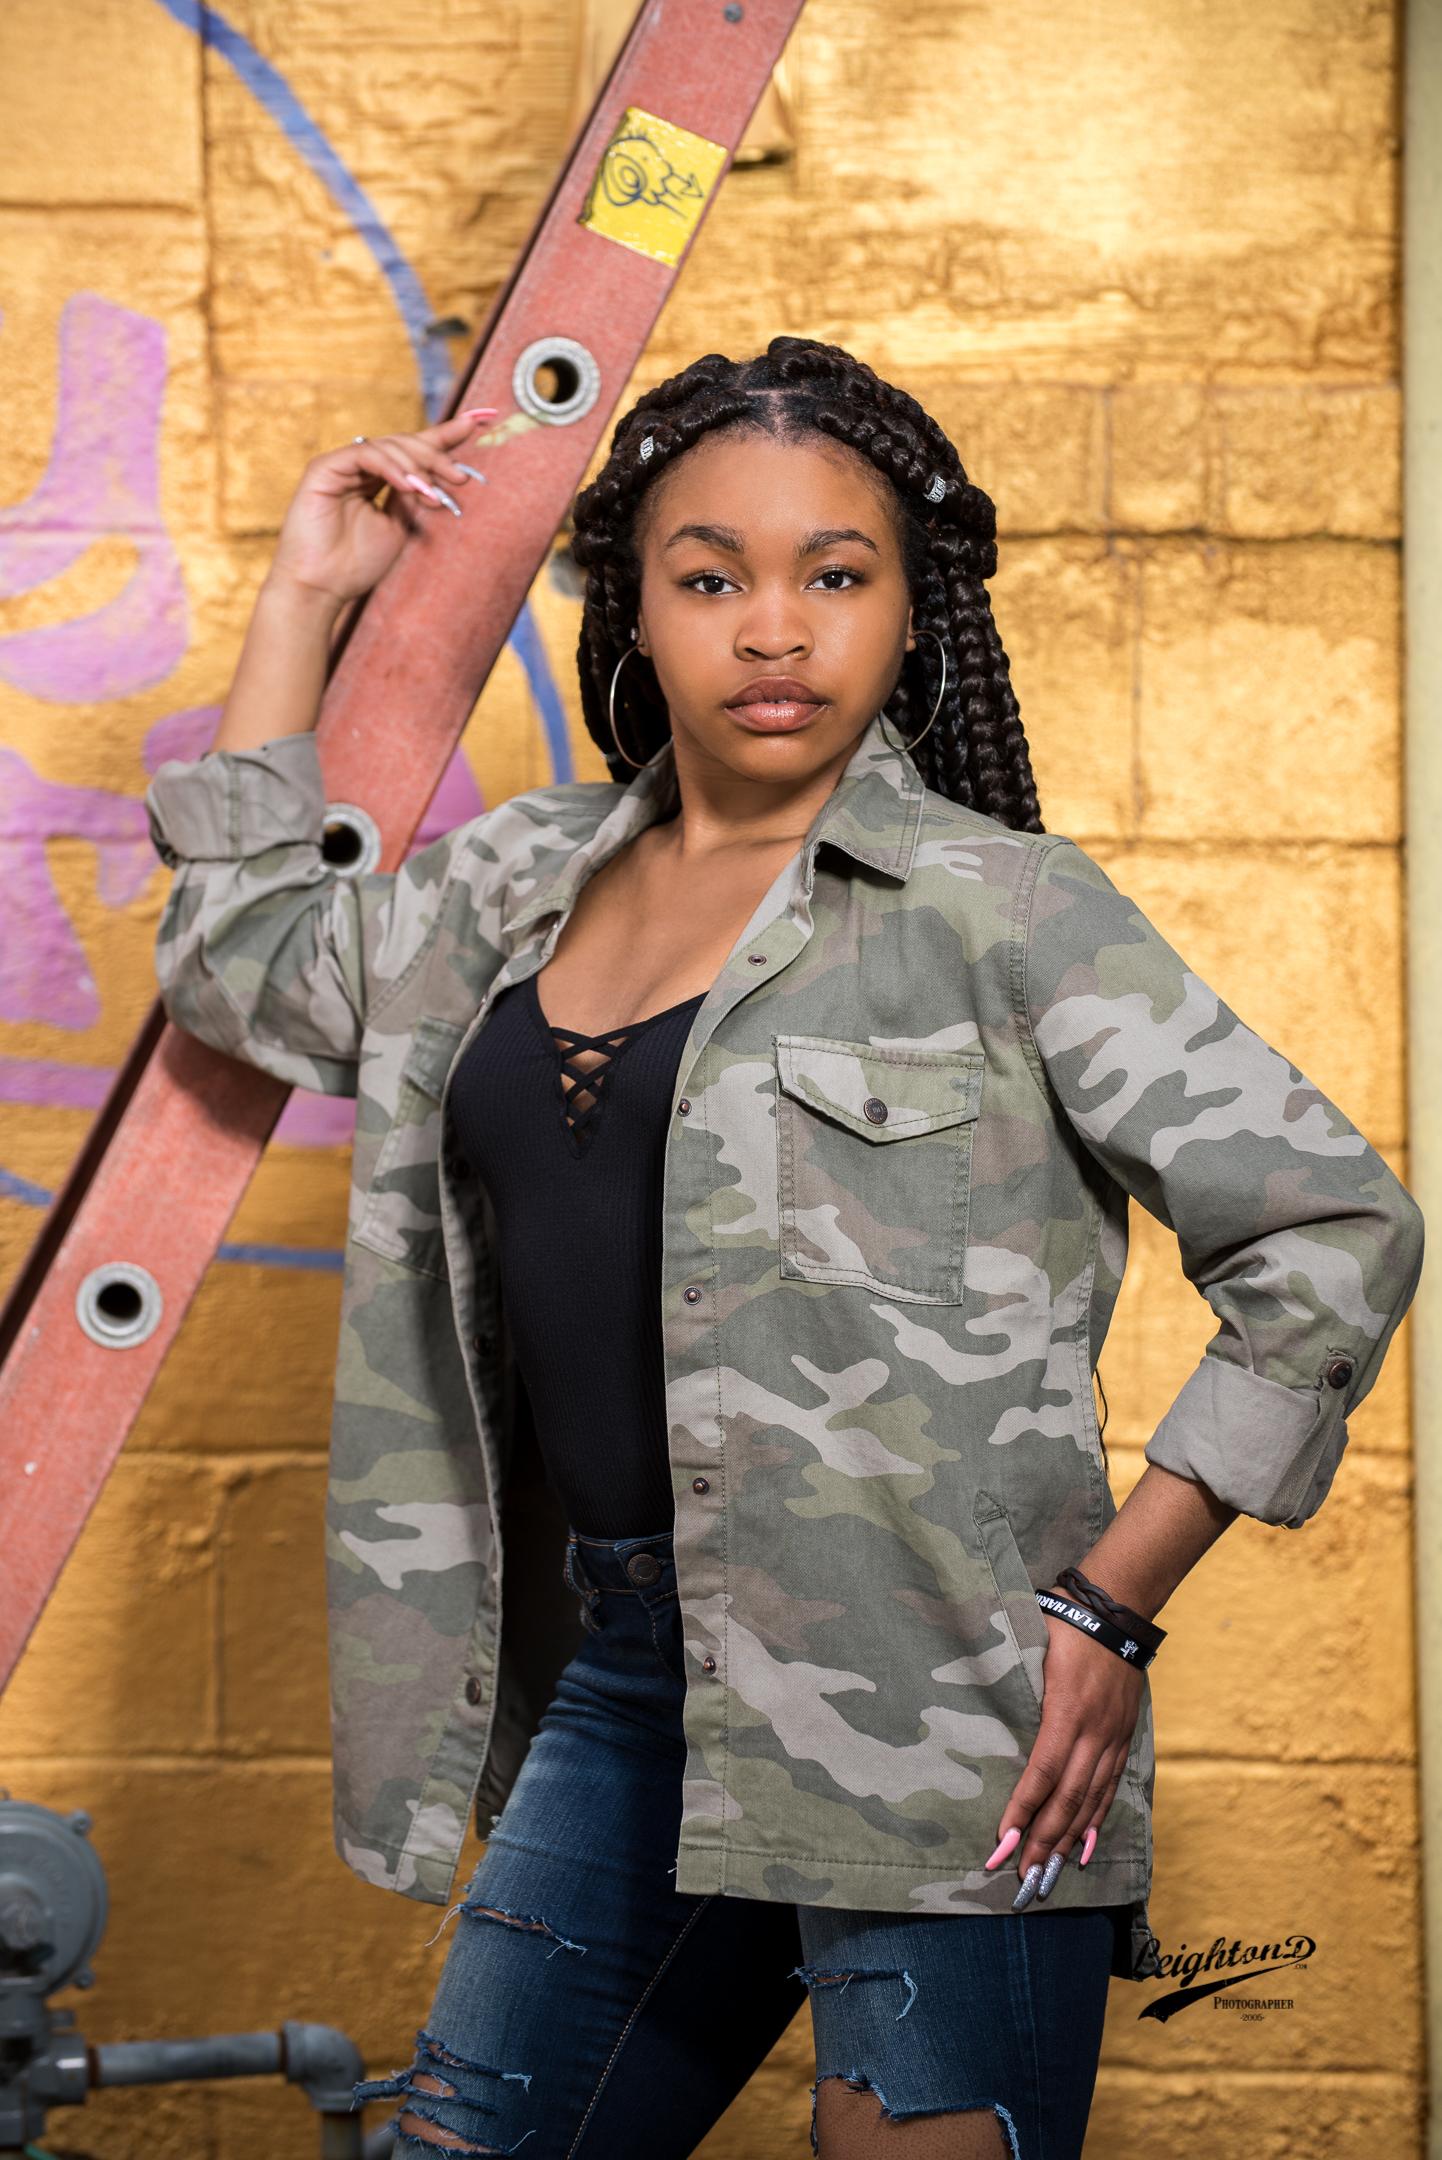 Model: Karmen F.